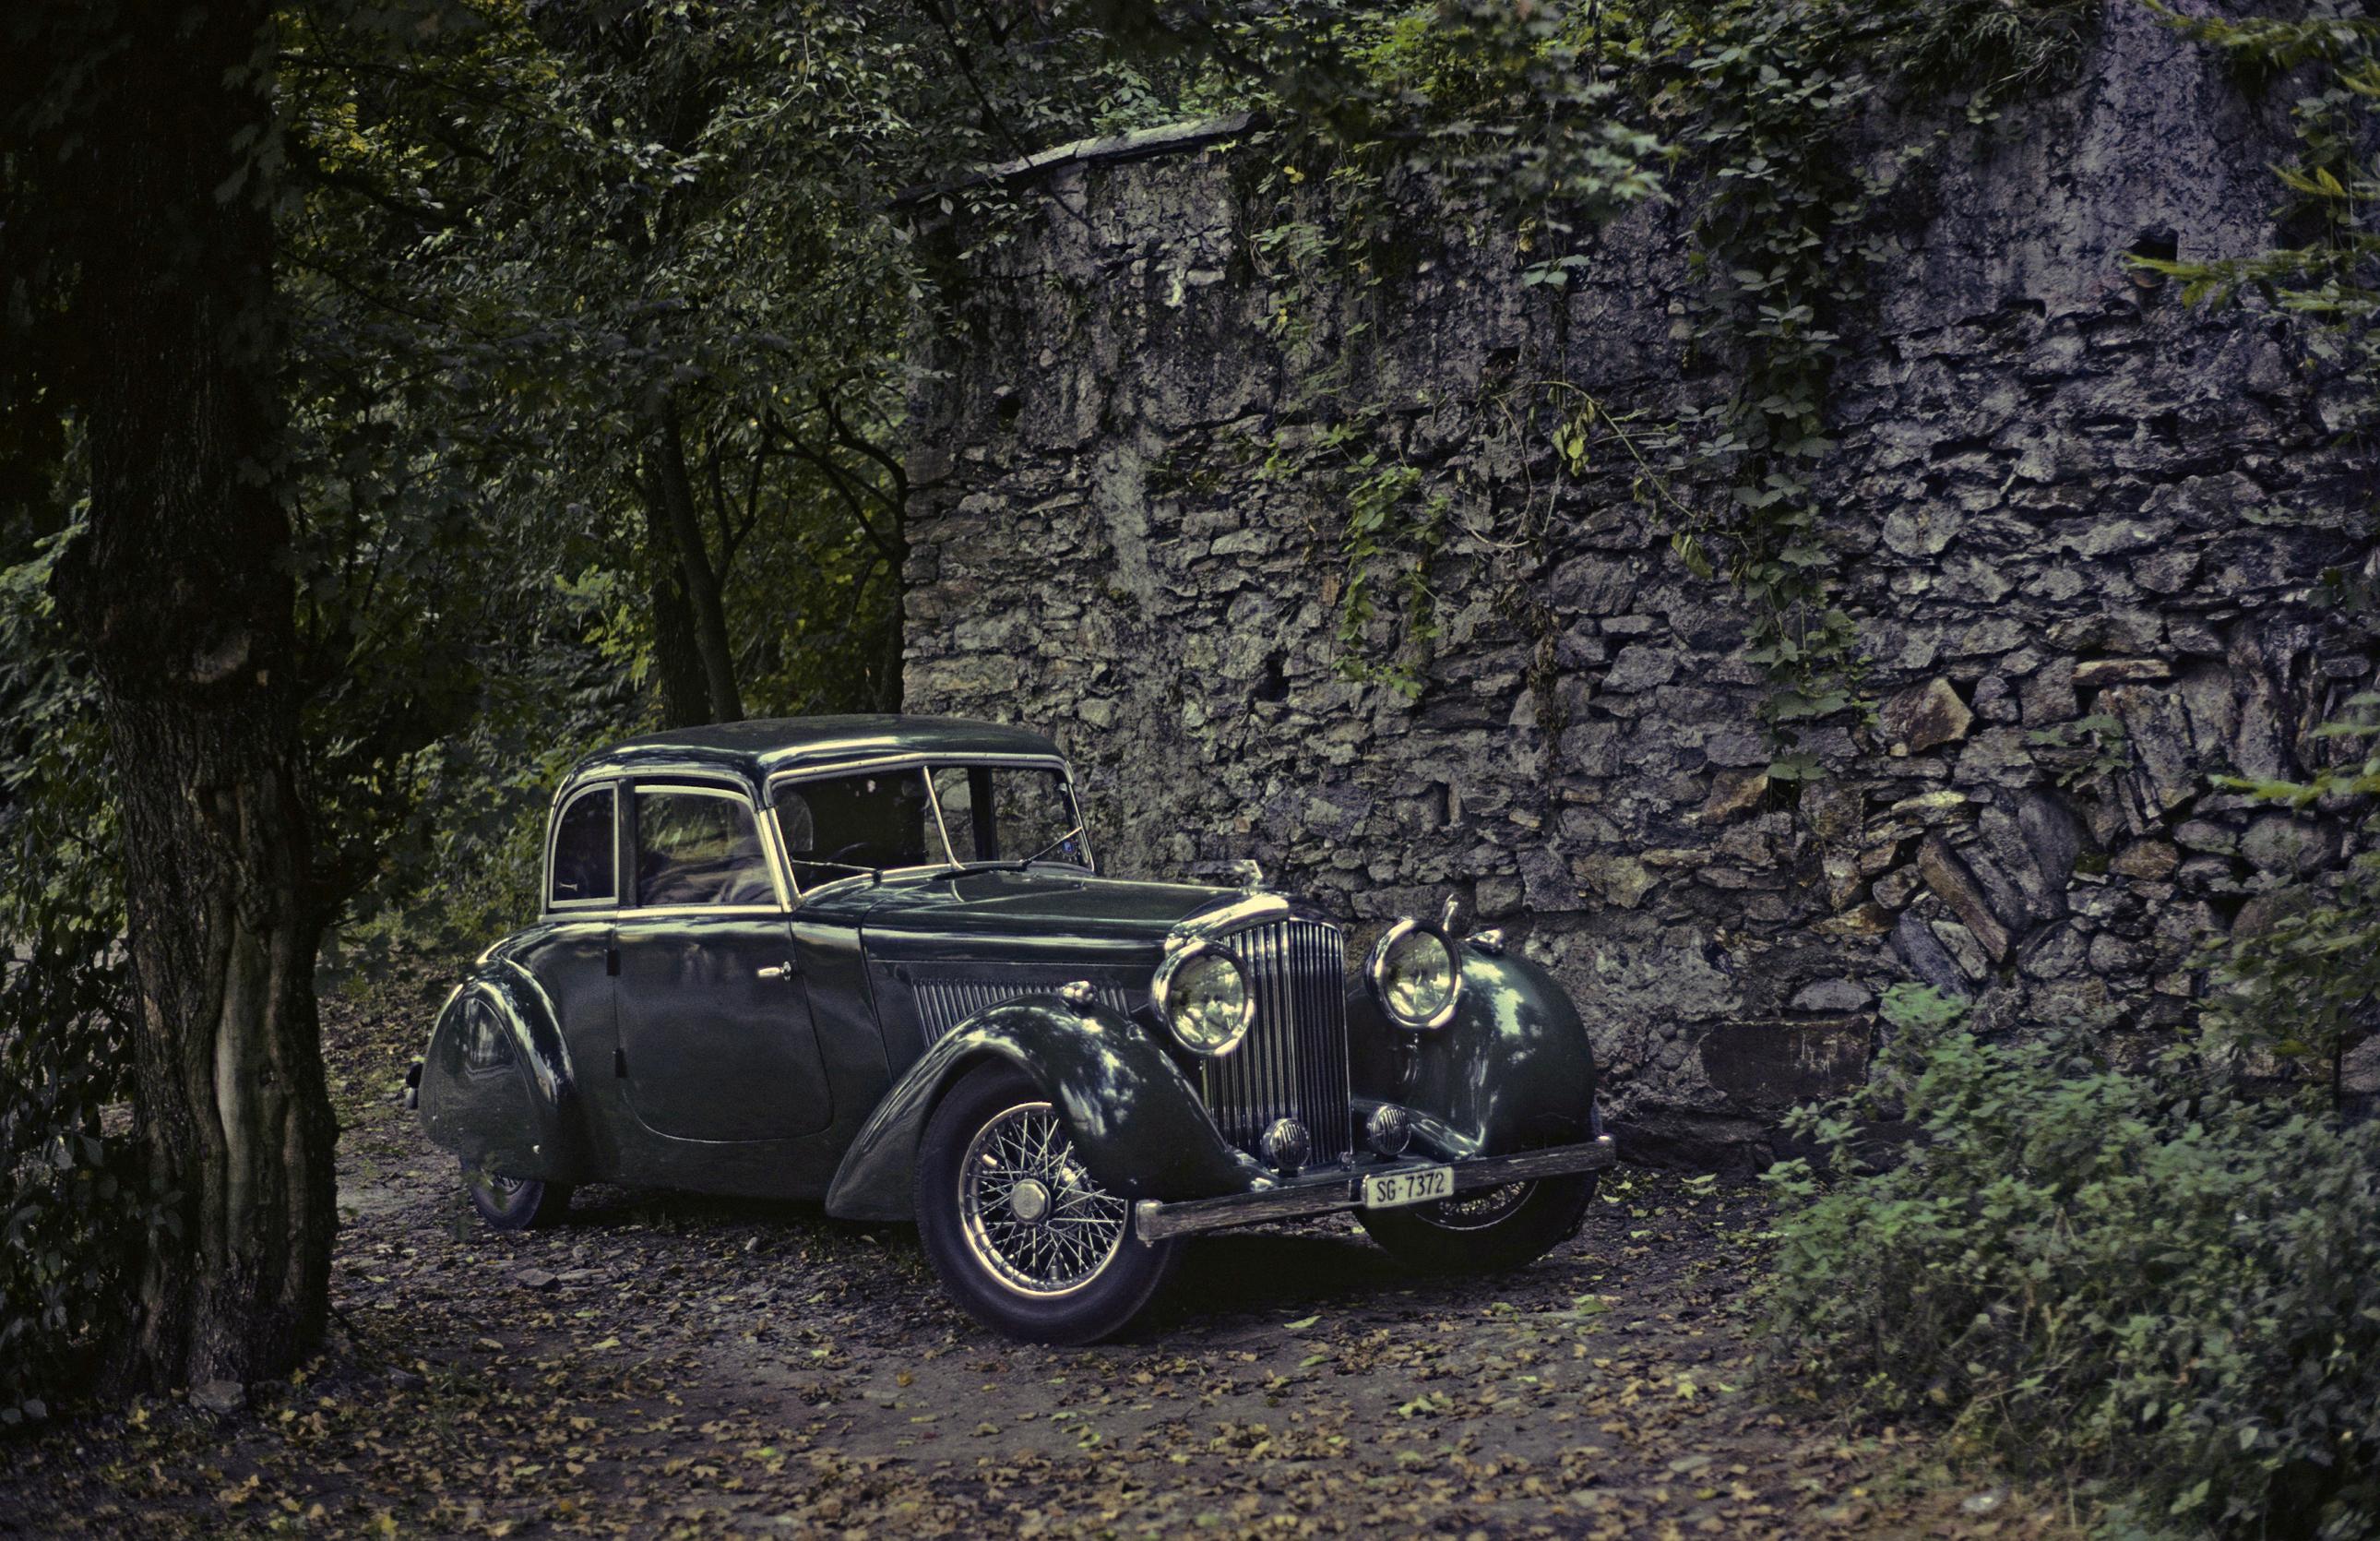 Обои для рабочего стола Bentley 1936 4 ¼ Litre Cabriolet by Köng винтаж Металлик Автомобили Бентли Ретро старинные авто машины машина автомобиль